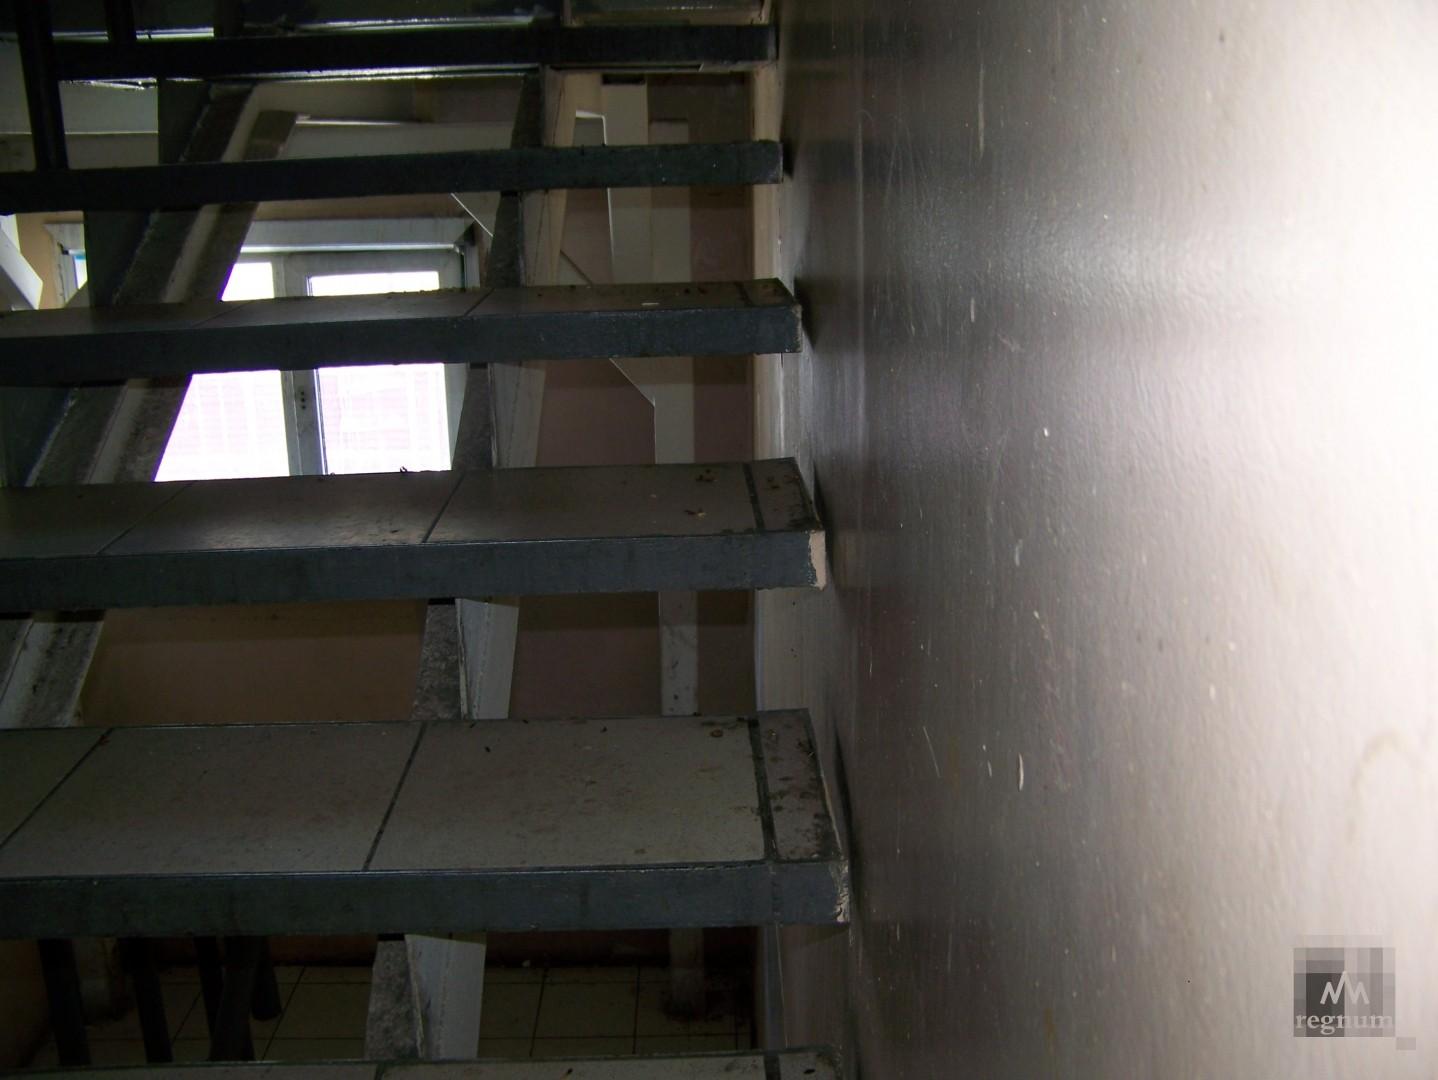 Так выглядят лестничные пролёты в доме, где проживают инвалиды и дети